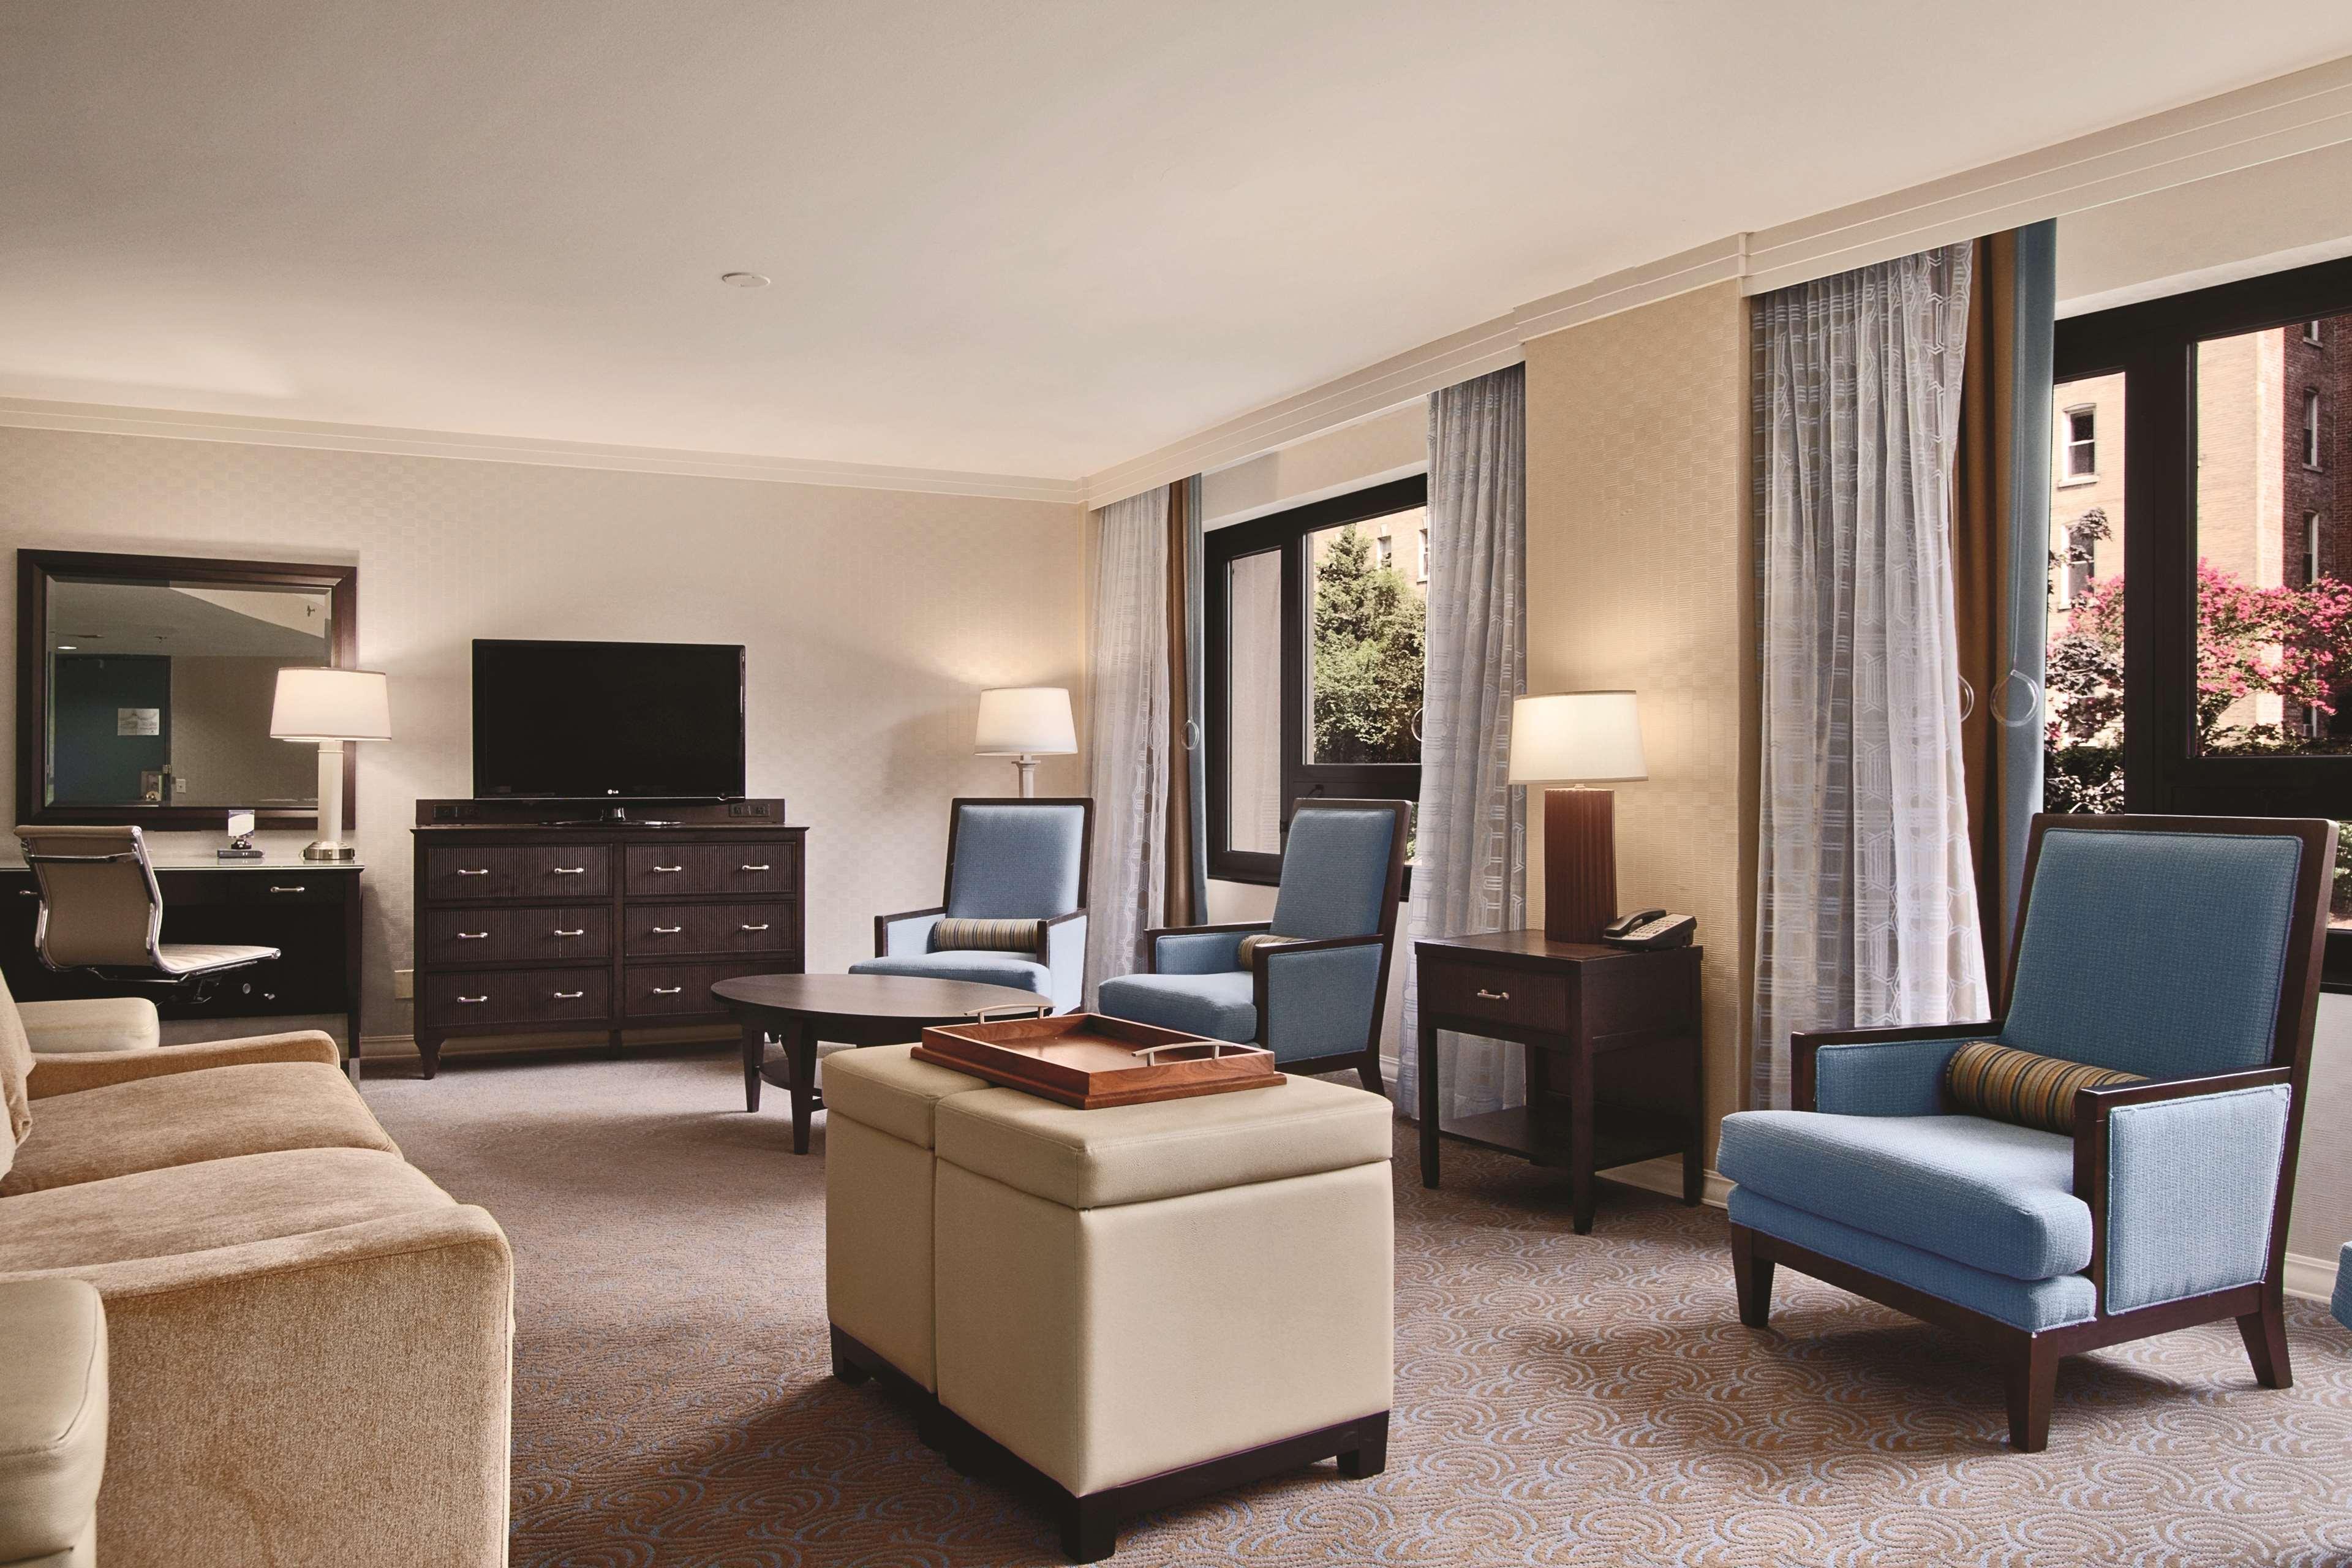 Washington Hilton image 20